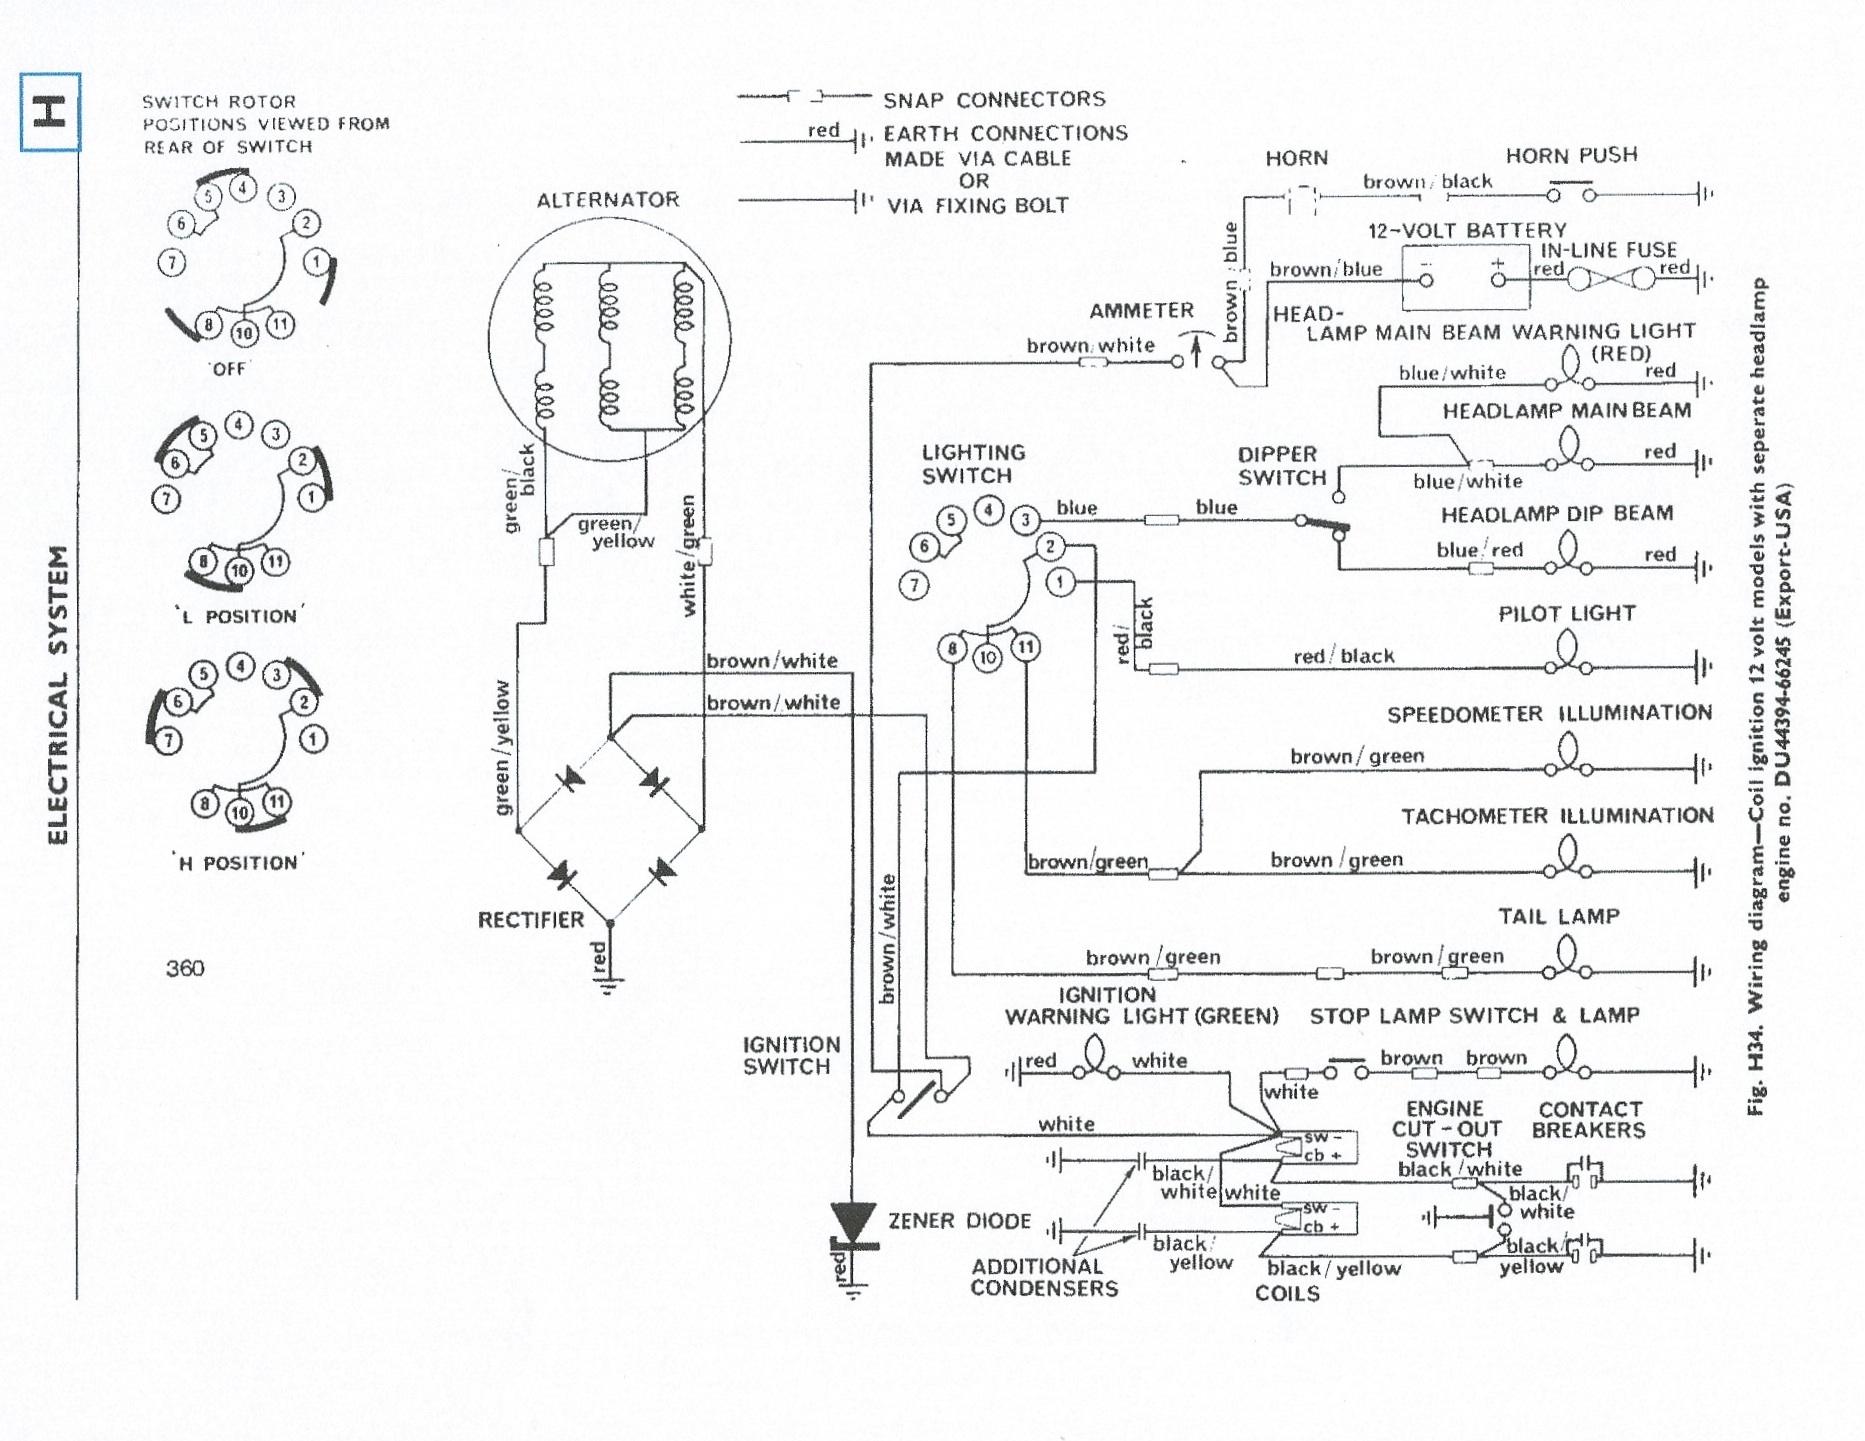 Triumph 500 Wiring Diagram Detailed Schematics Diagramrhantonartgallery:  1972 Triumph Tr6 Wiring Diagram At Gmaili.